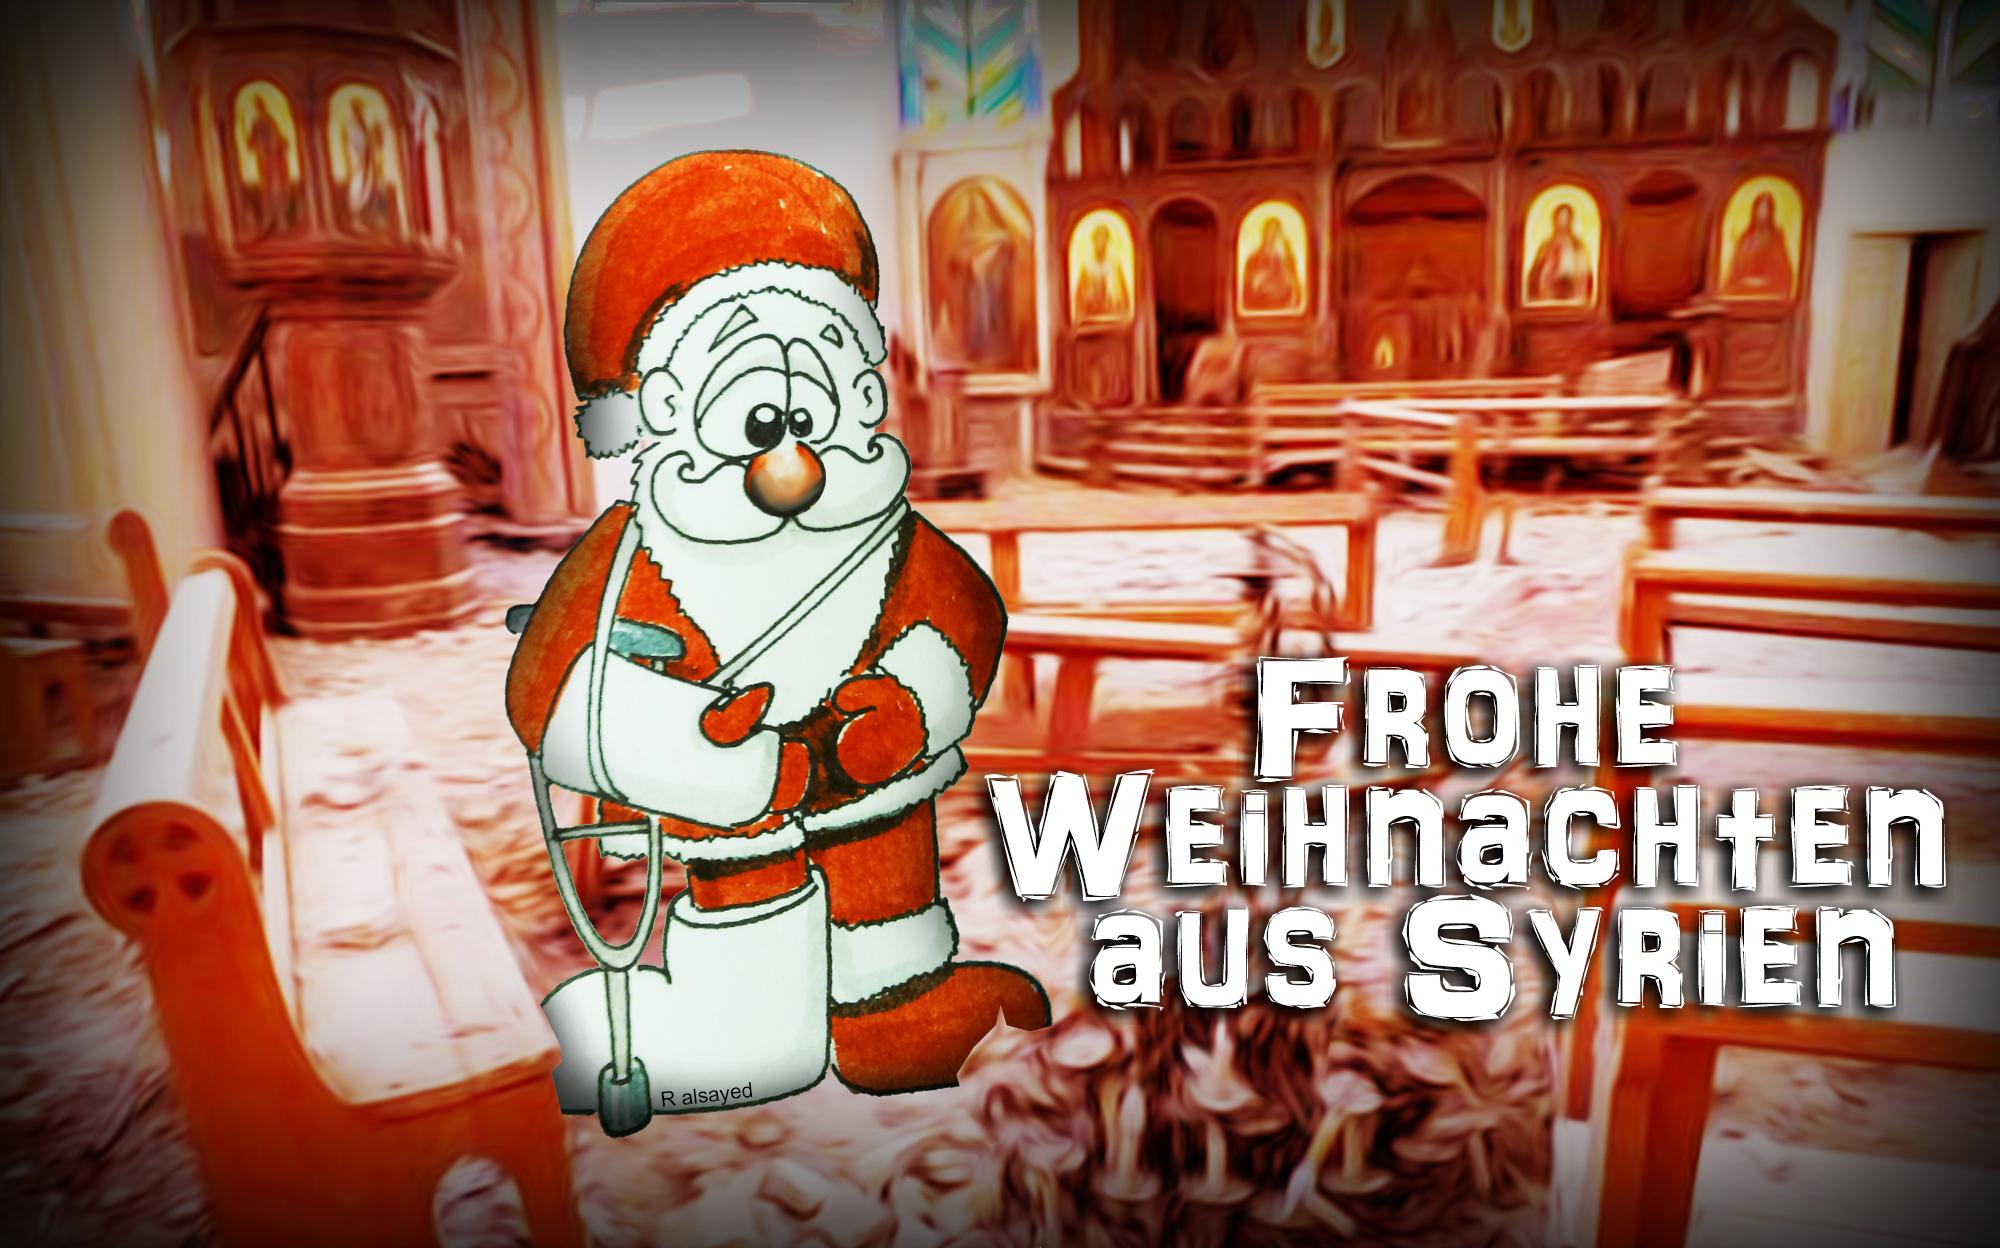 Warum Gibt Es Weihnachten.In Syrien Gibt Es Auch Weihnachten Flüchtling Magazin